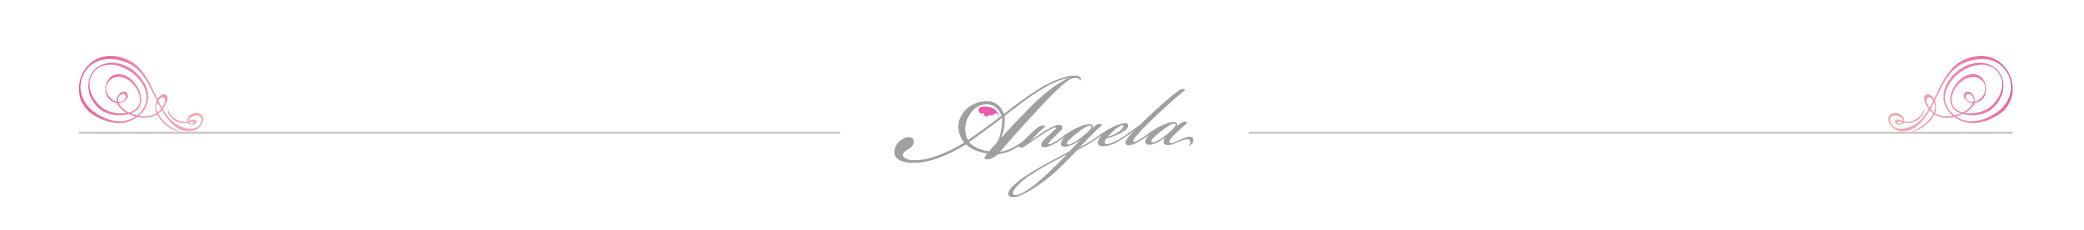 angela menu区切り